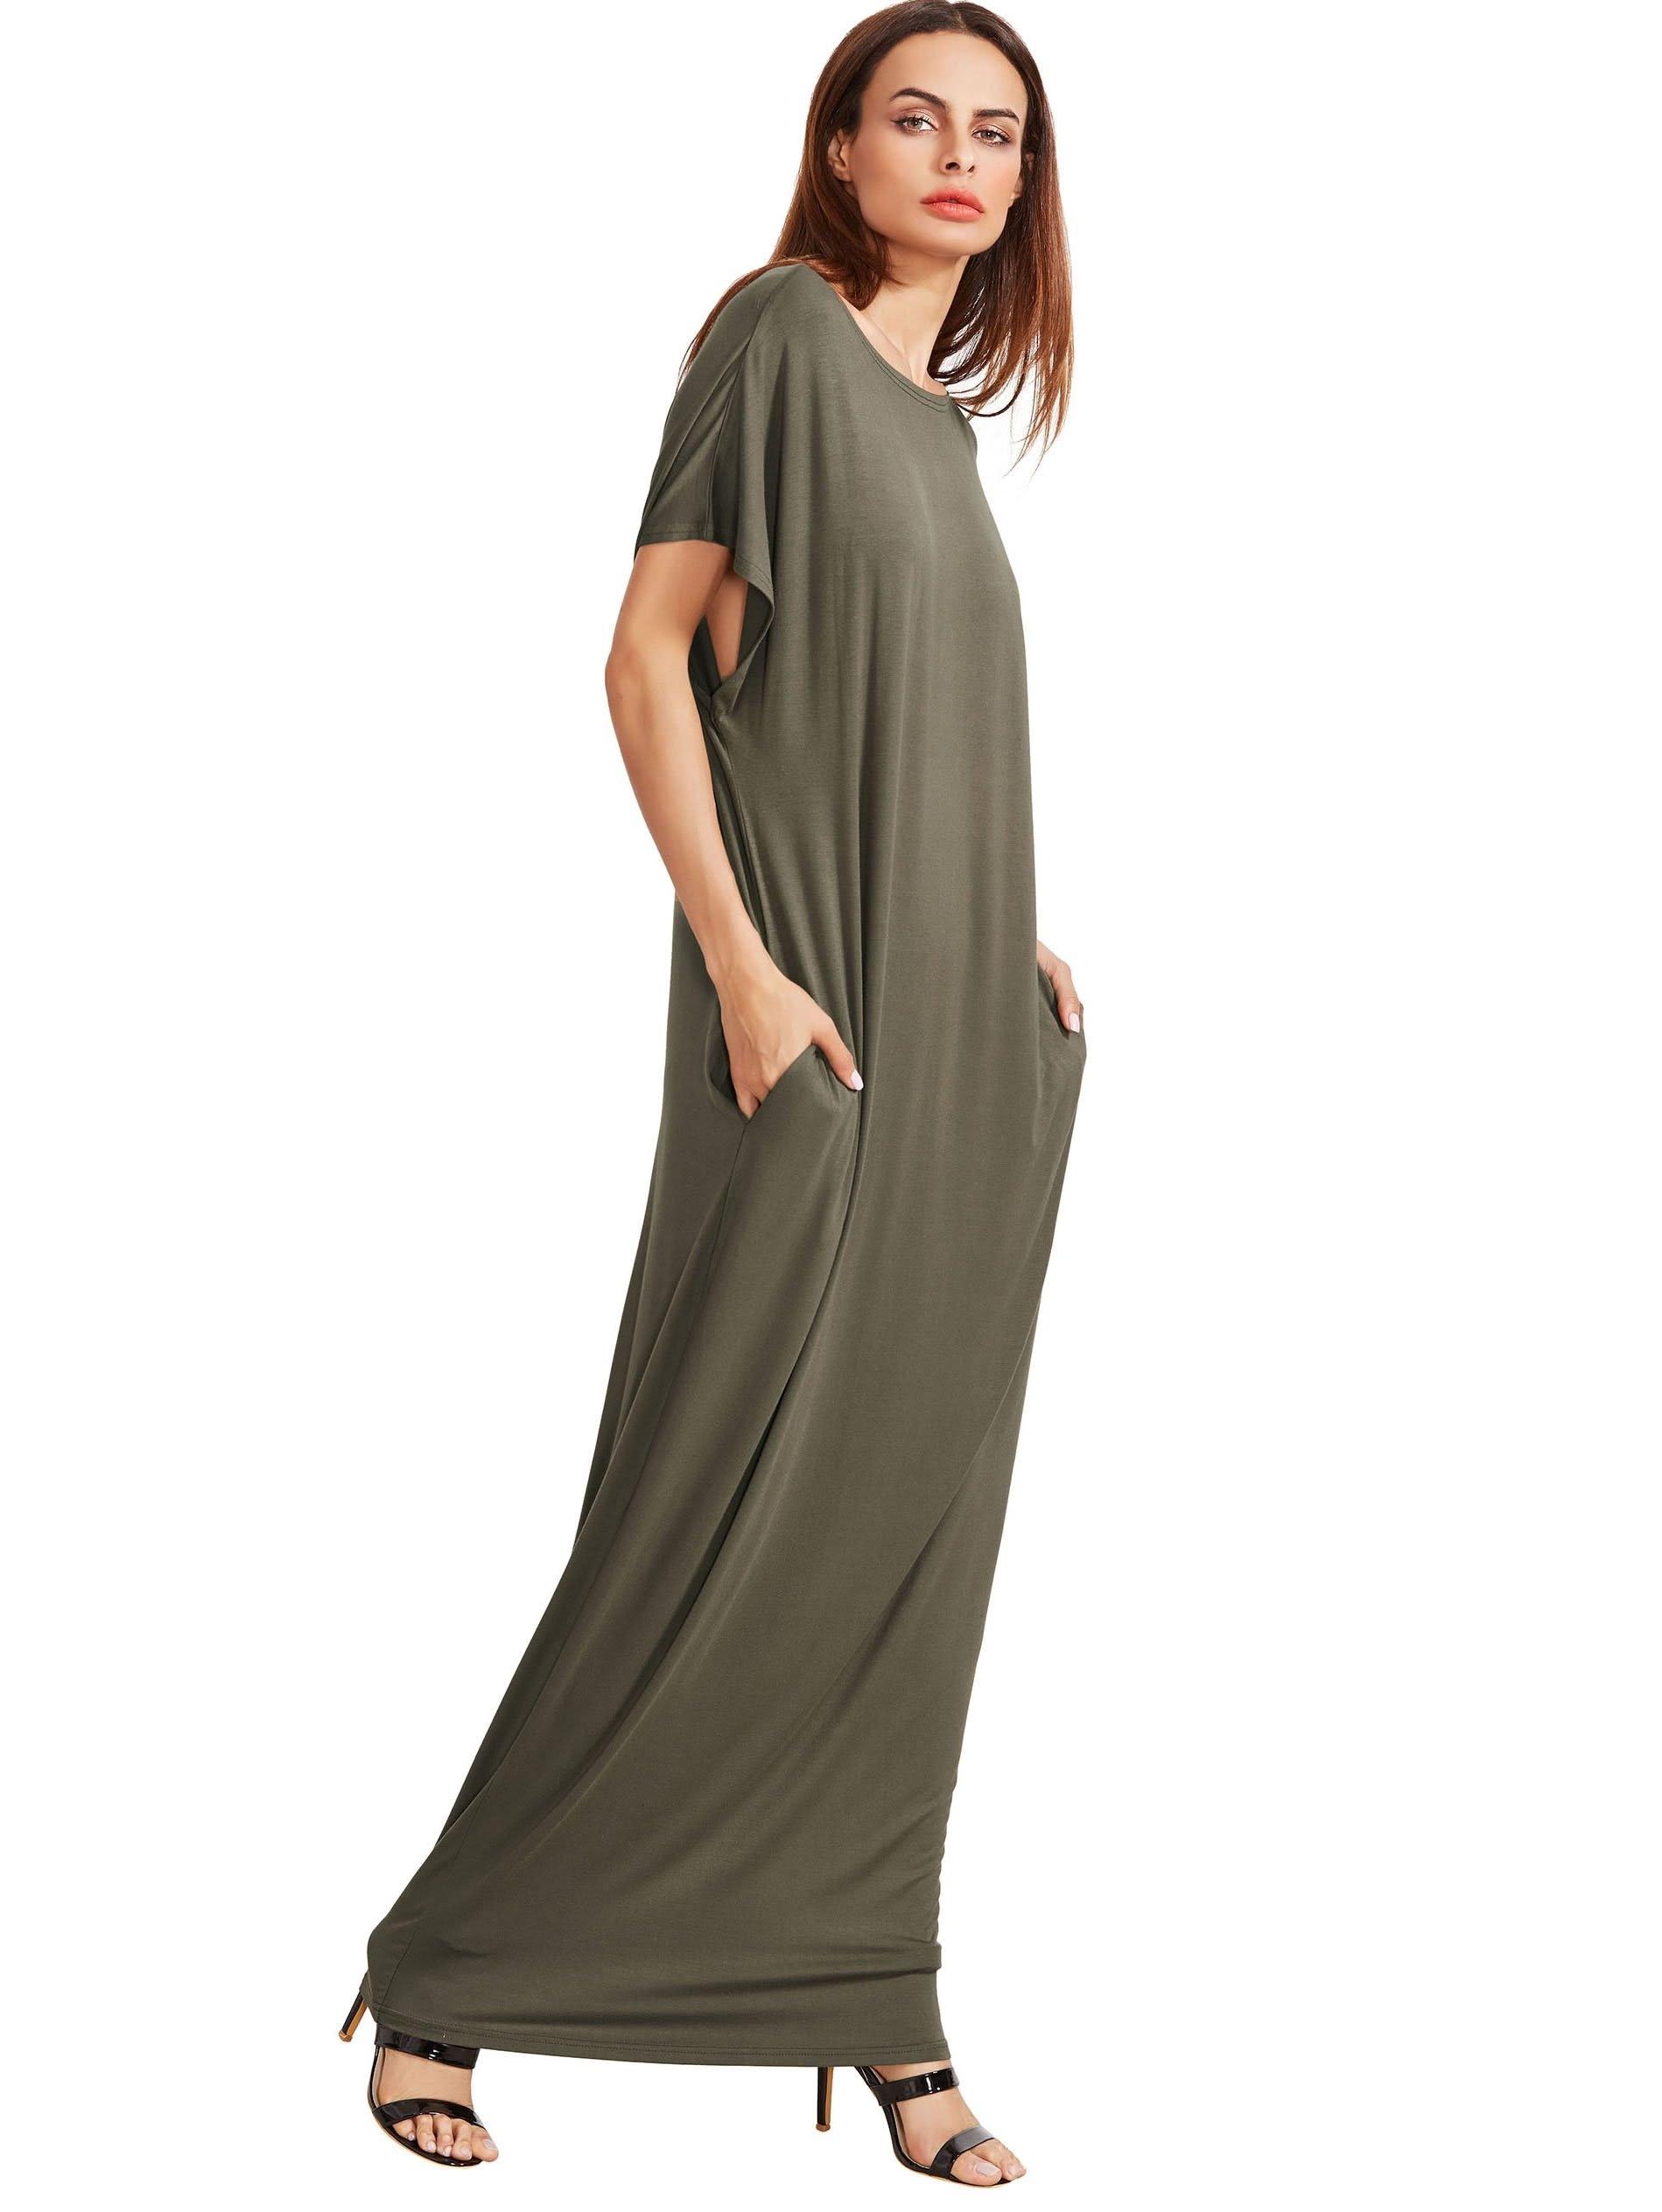 17 Genial Kleid Olivgrün Bester Preis20 Top Kleid Olivgrün Bester Preis